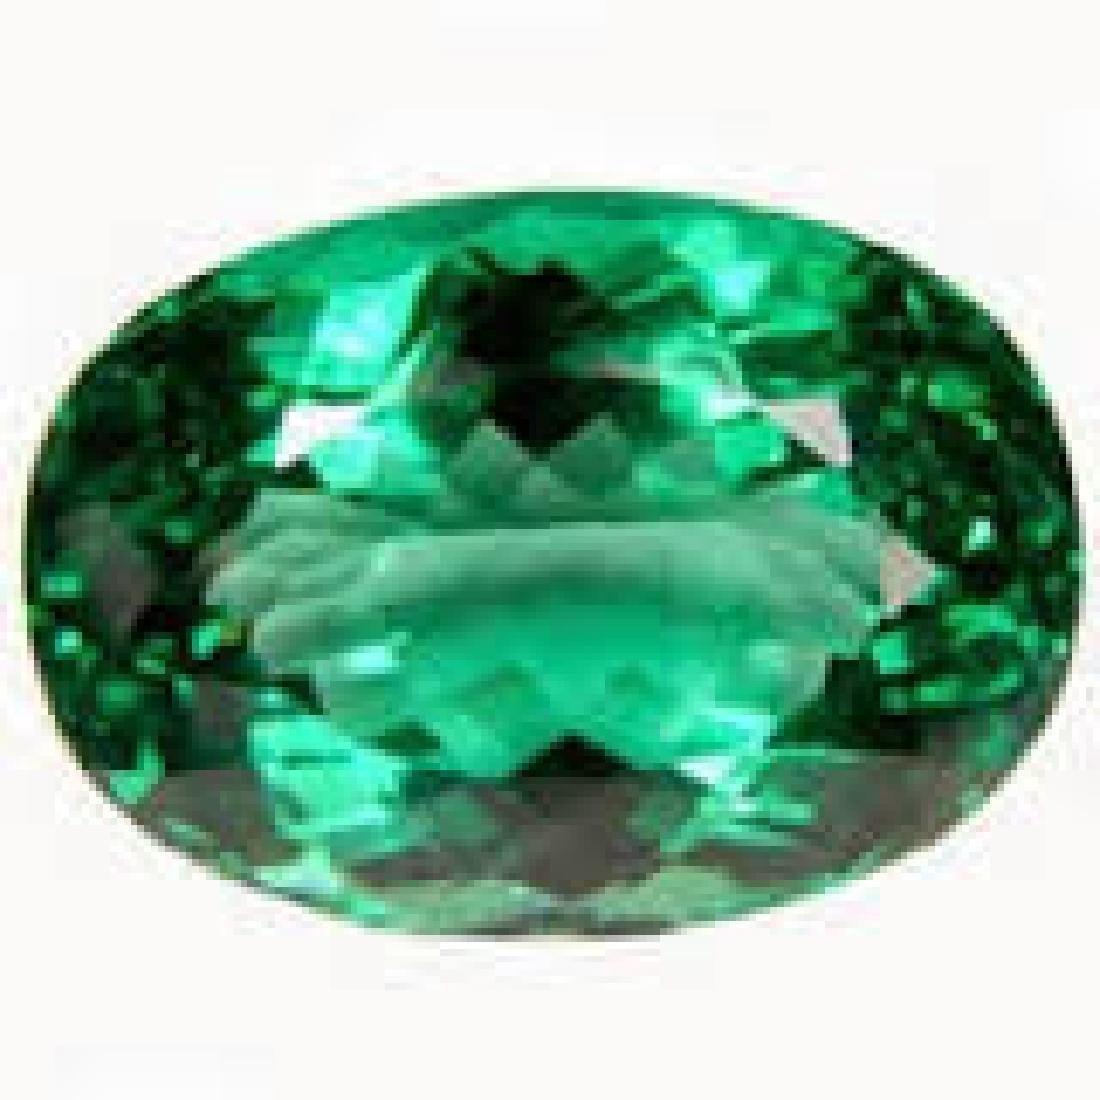 Natural Healing Green Amethyst 22.27 Carats - Flawless